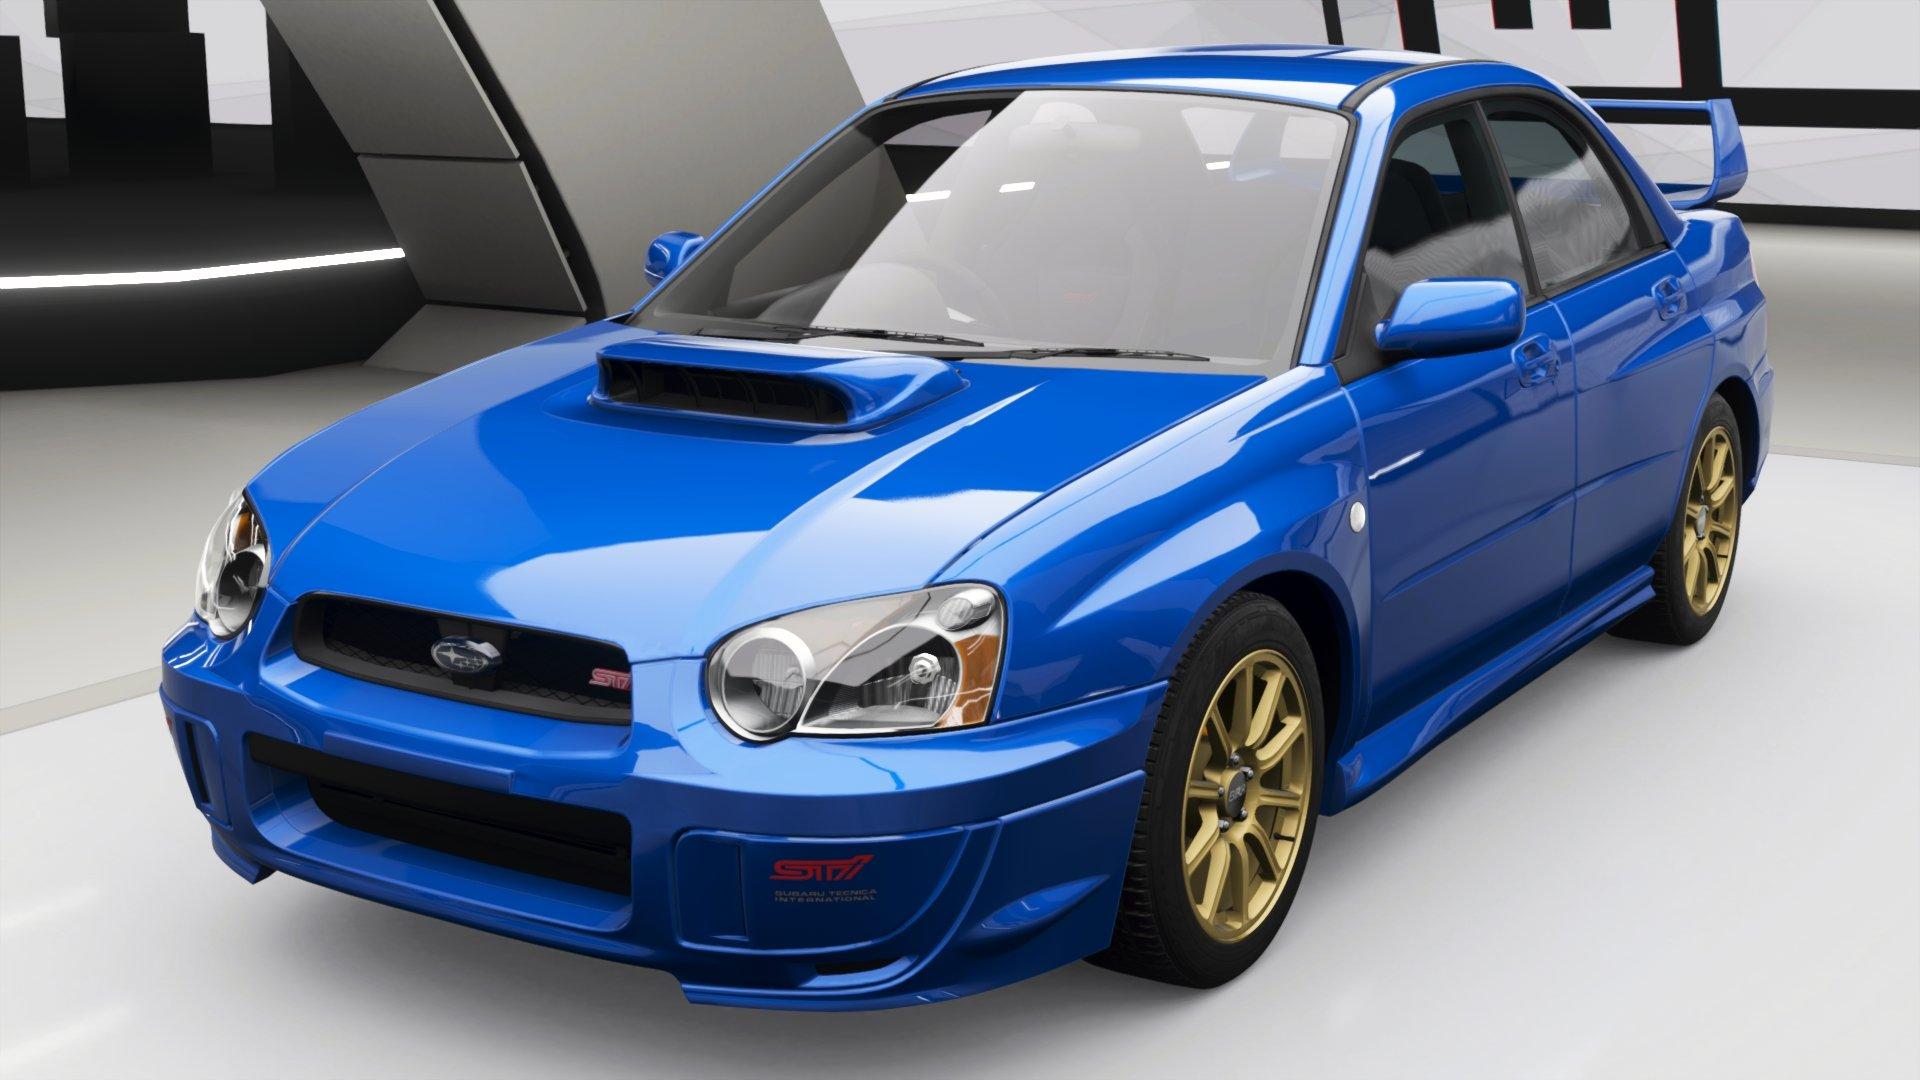 Forza-Horizon-4-Subaru-Impreza-WRX-STI-2004